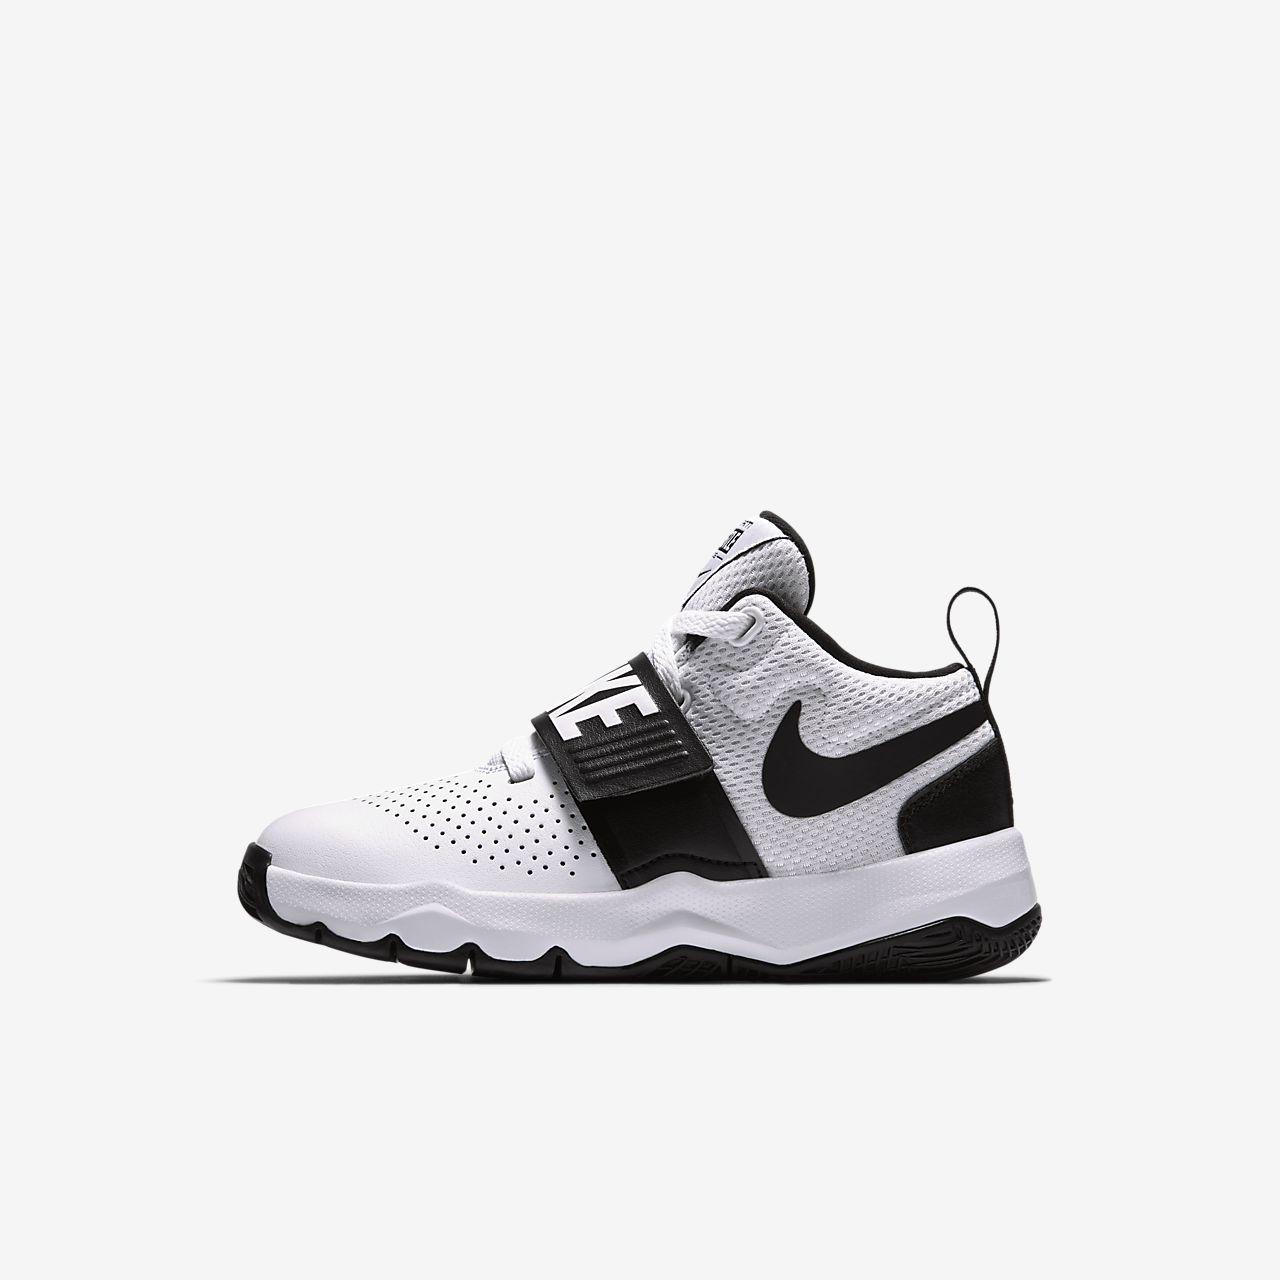 91fedc4f4002 Chaussure de basketball Nike Team Hustle D 8 pour Jeune enfant. Nike ...